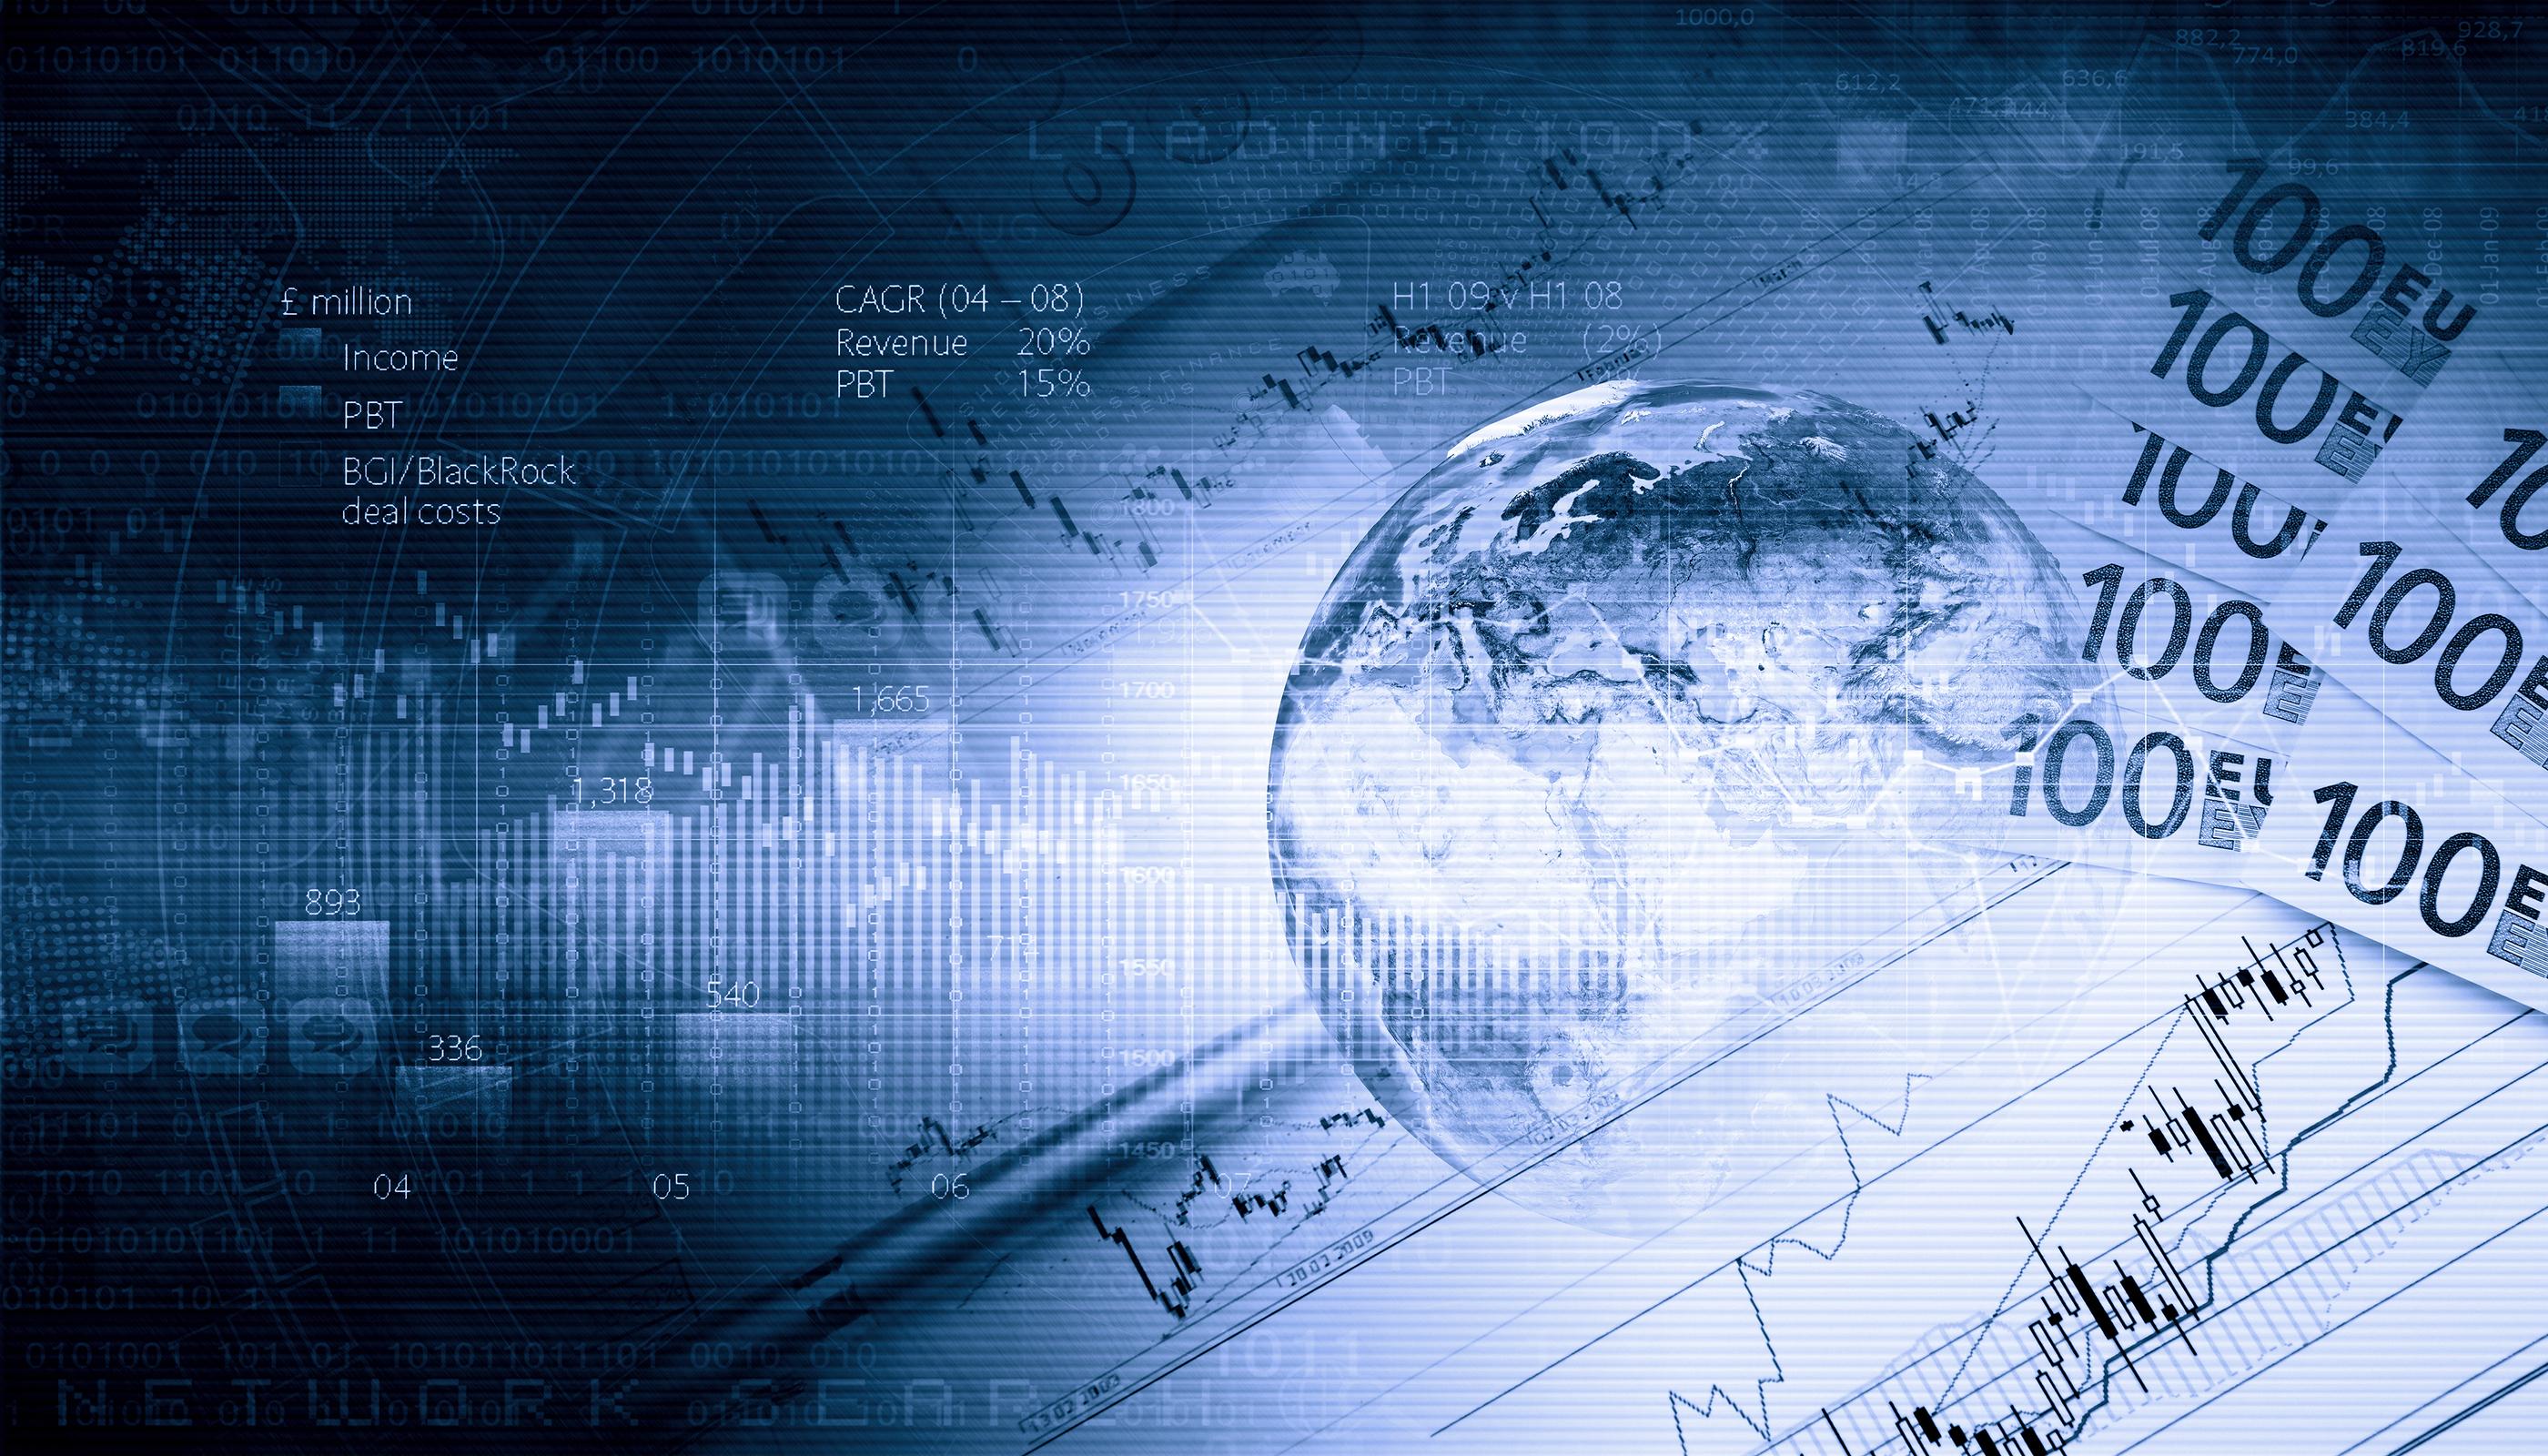 Wirtschafts kalender forex